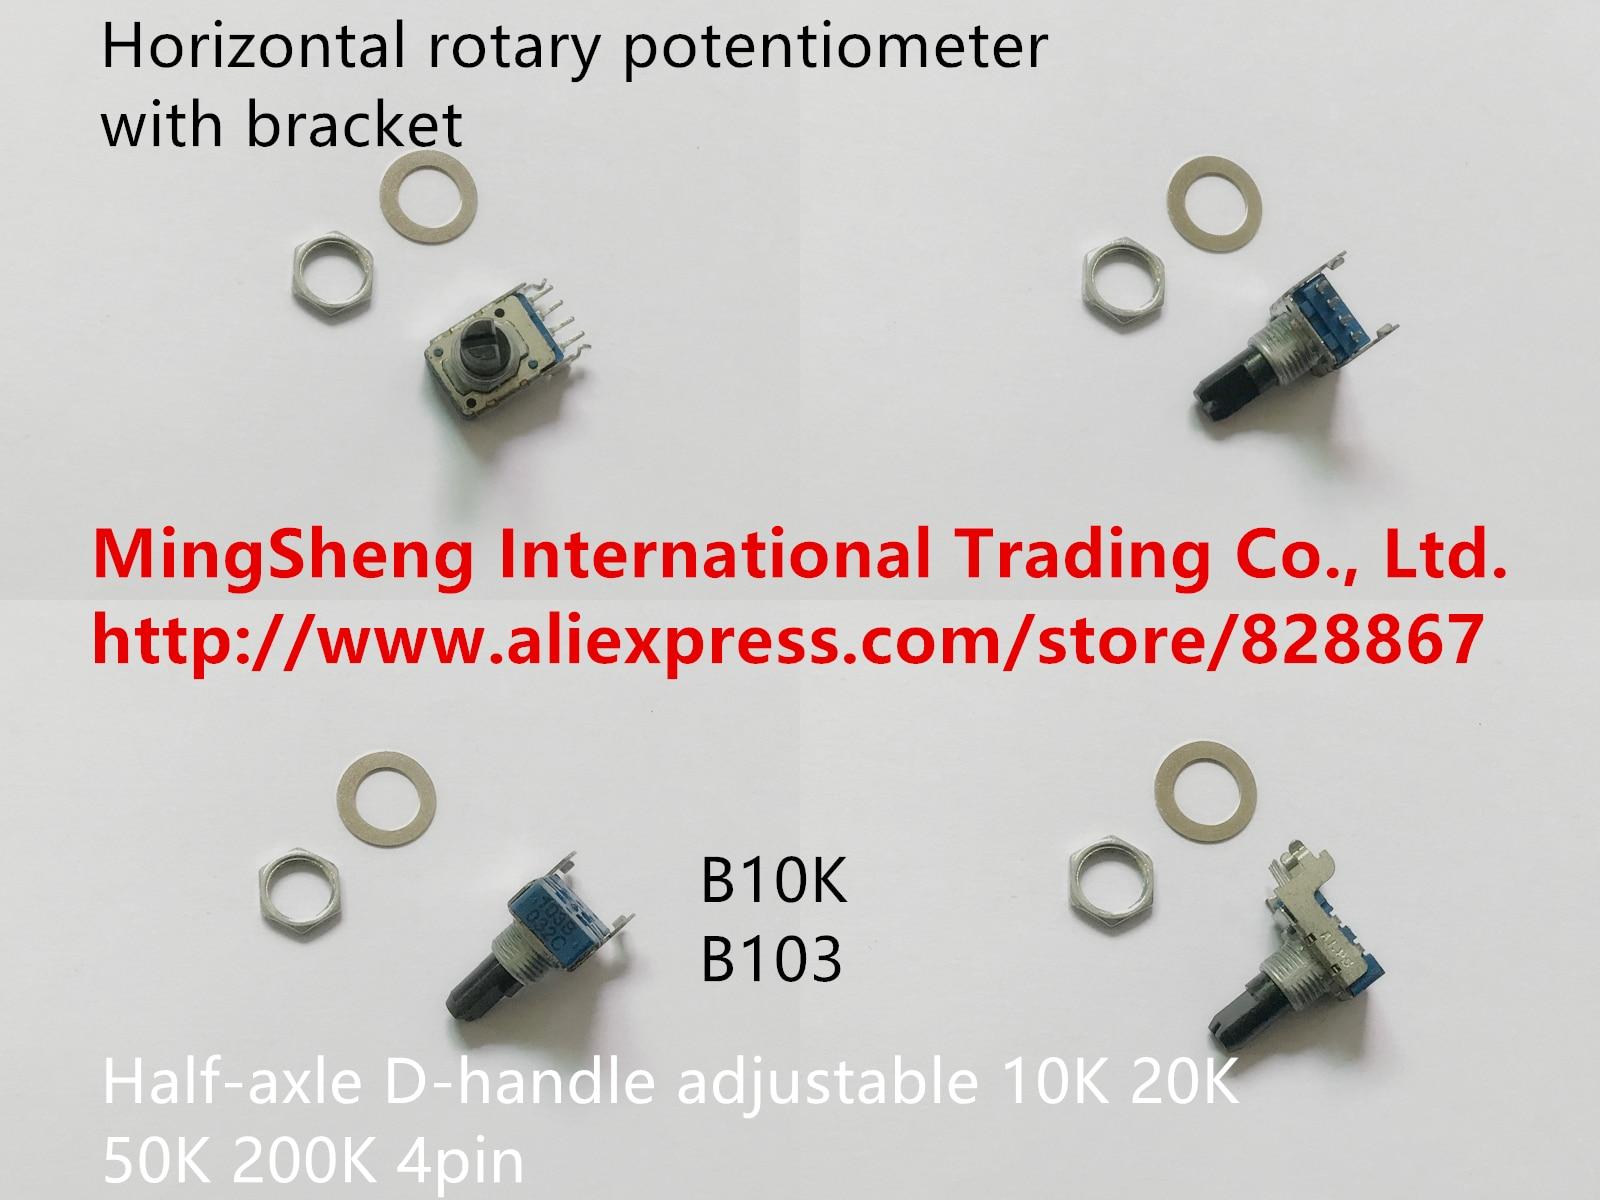 Оригинальный новый горизонтальный поворотный потенциометр 100% с кронштейном, Полуось, D-образная ручка, Регулируемый переключатель 10K 20K 50K ...